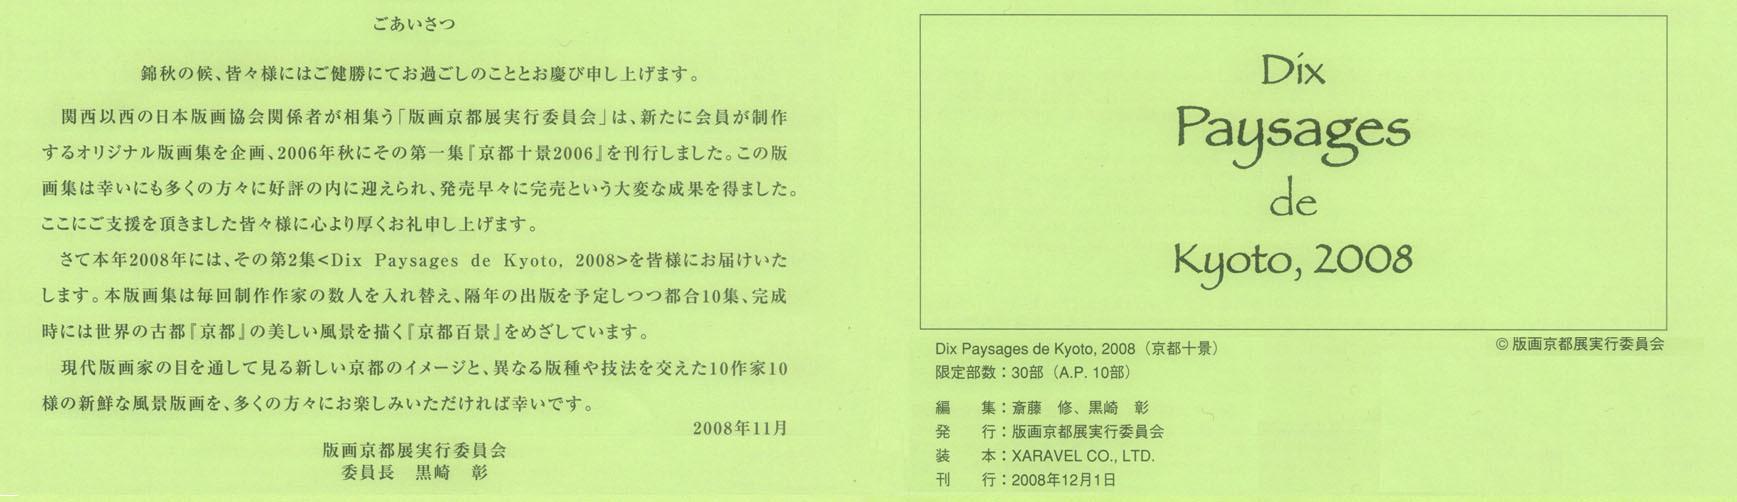 「京都十景」第2集(2008)ネット発売開始 残りわずか_b0182223_18212106.jpg